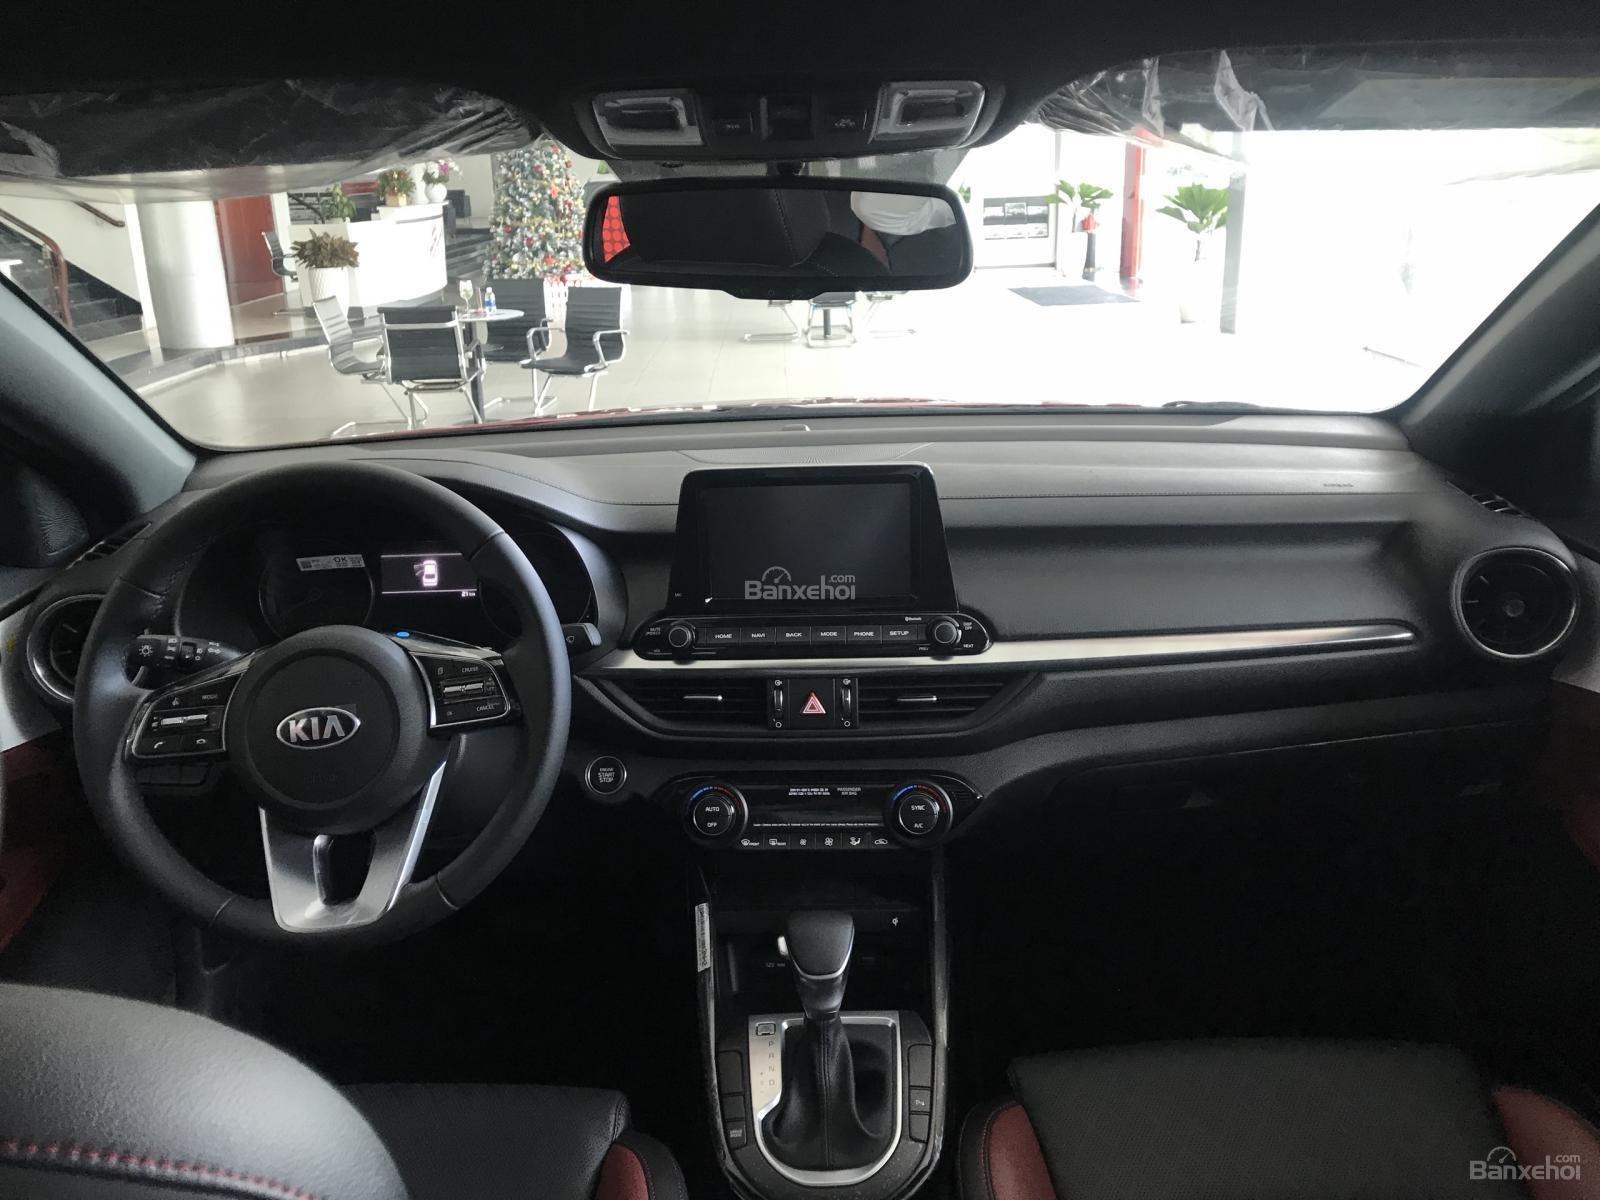 Kia Cerato 2019 All New đầy đủ màu đủ, phiên bản giao xe nhanh chóng nhiều ưu đãi, LH 0972268021 (Huấn)-2